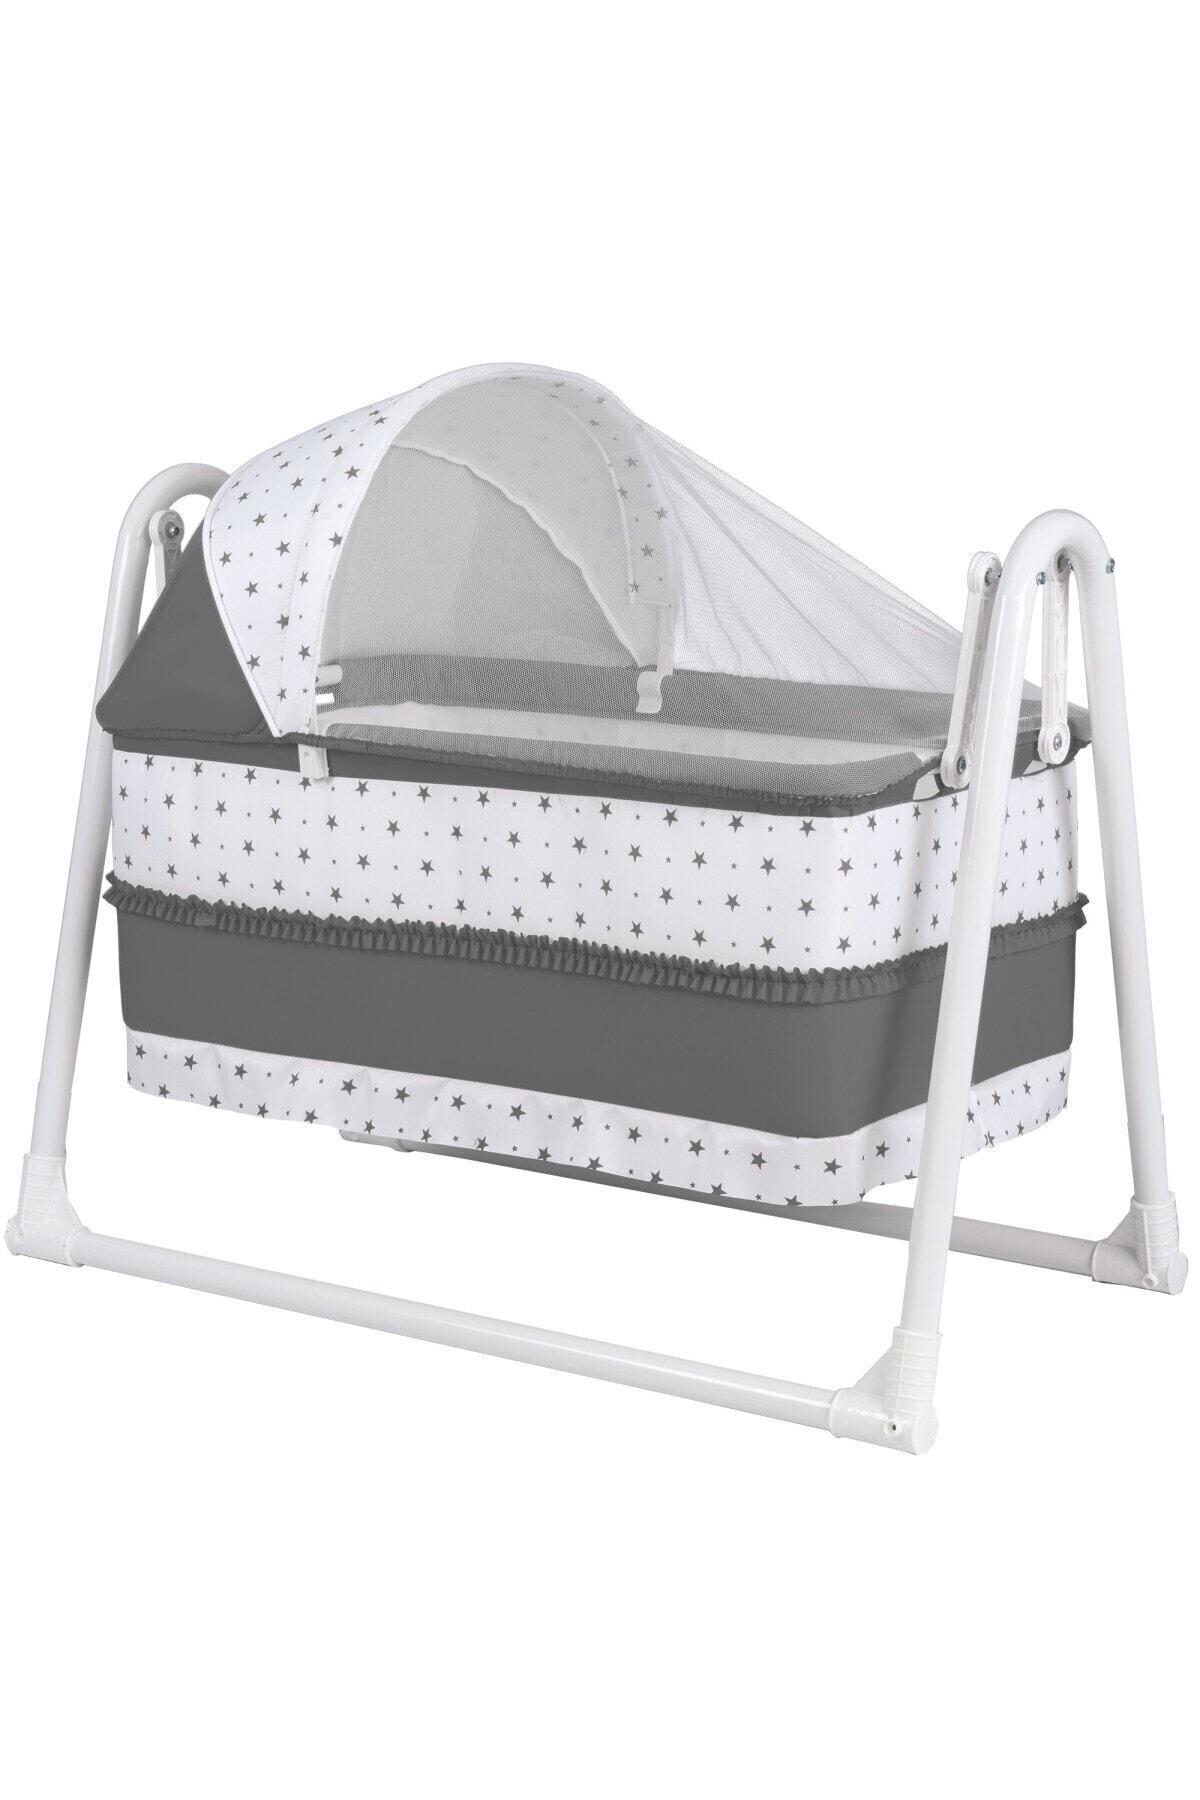 POLLY BABY Lüks Portatif Sallanır Sepet Beşik Hamak Beşik 1